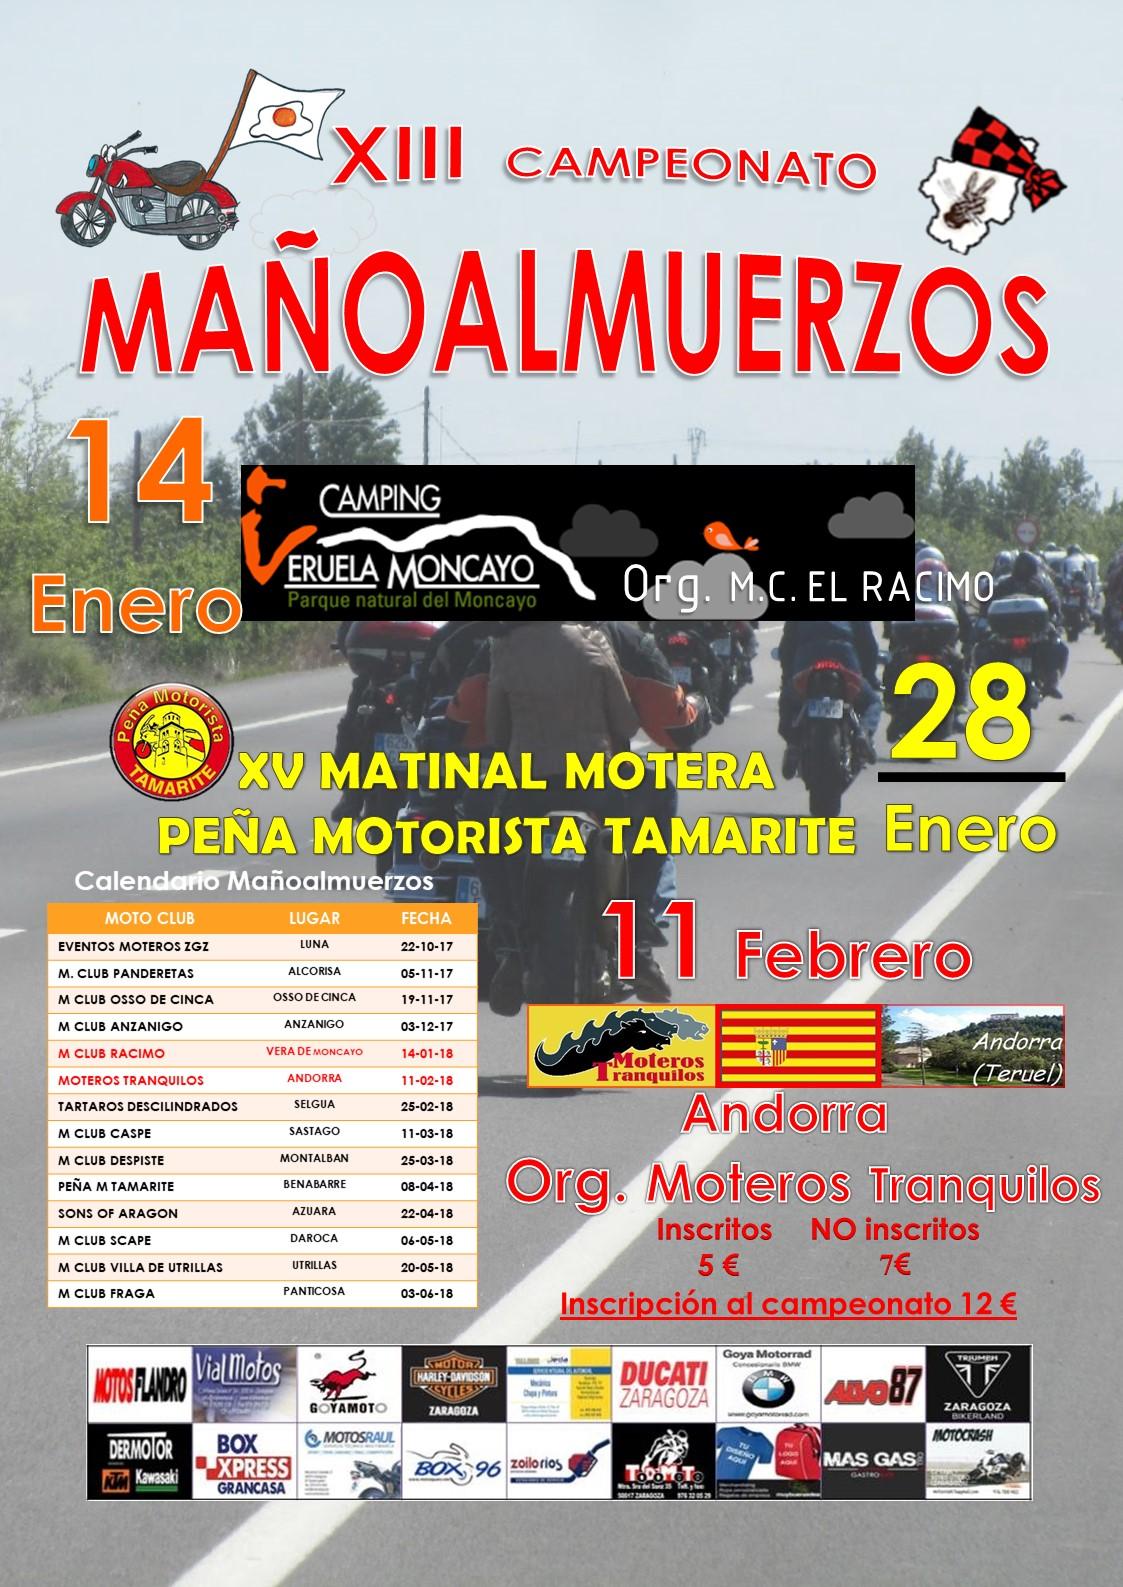 XIII Campeonato de Mañoalmuerzos